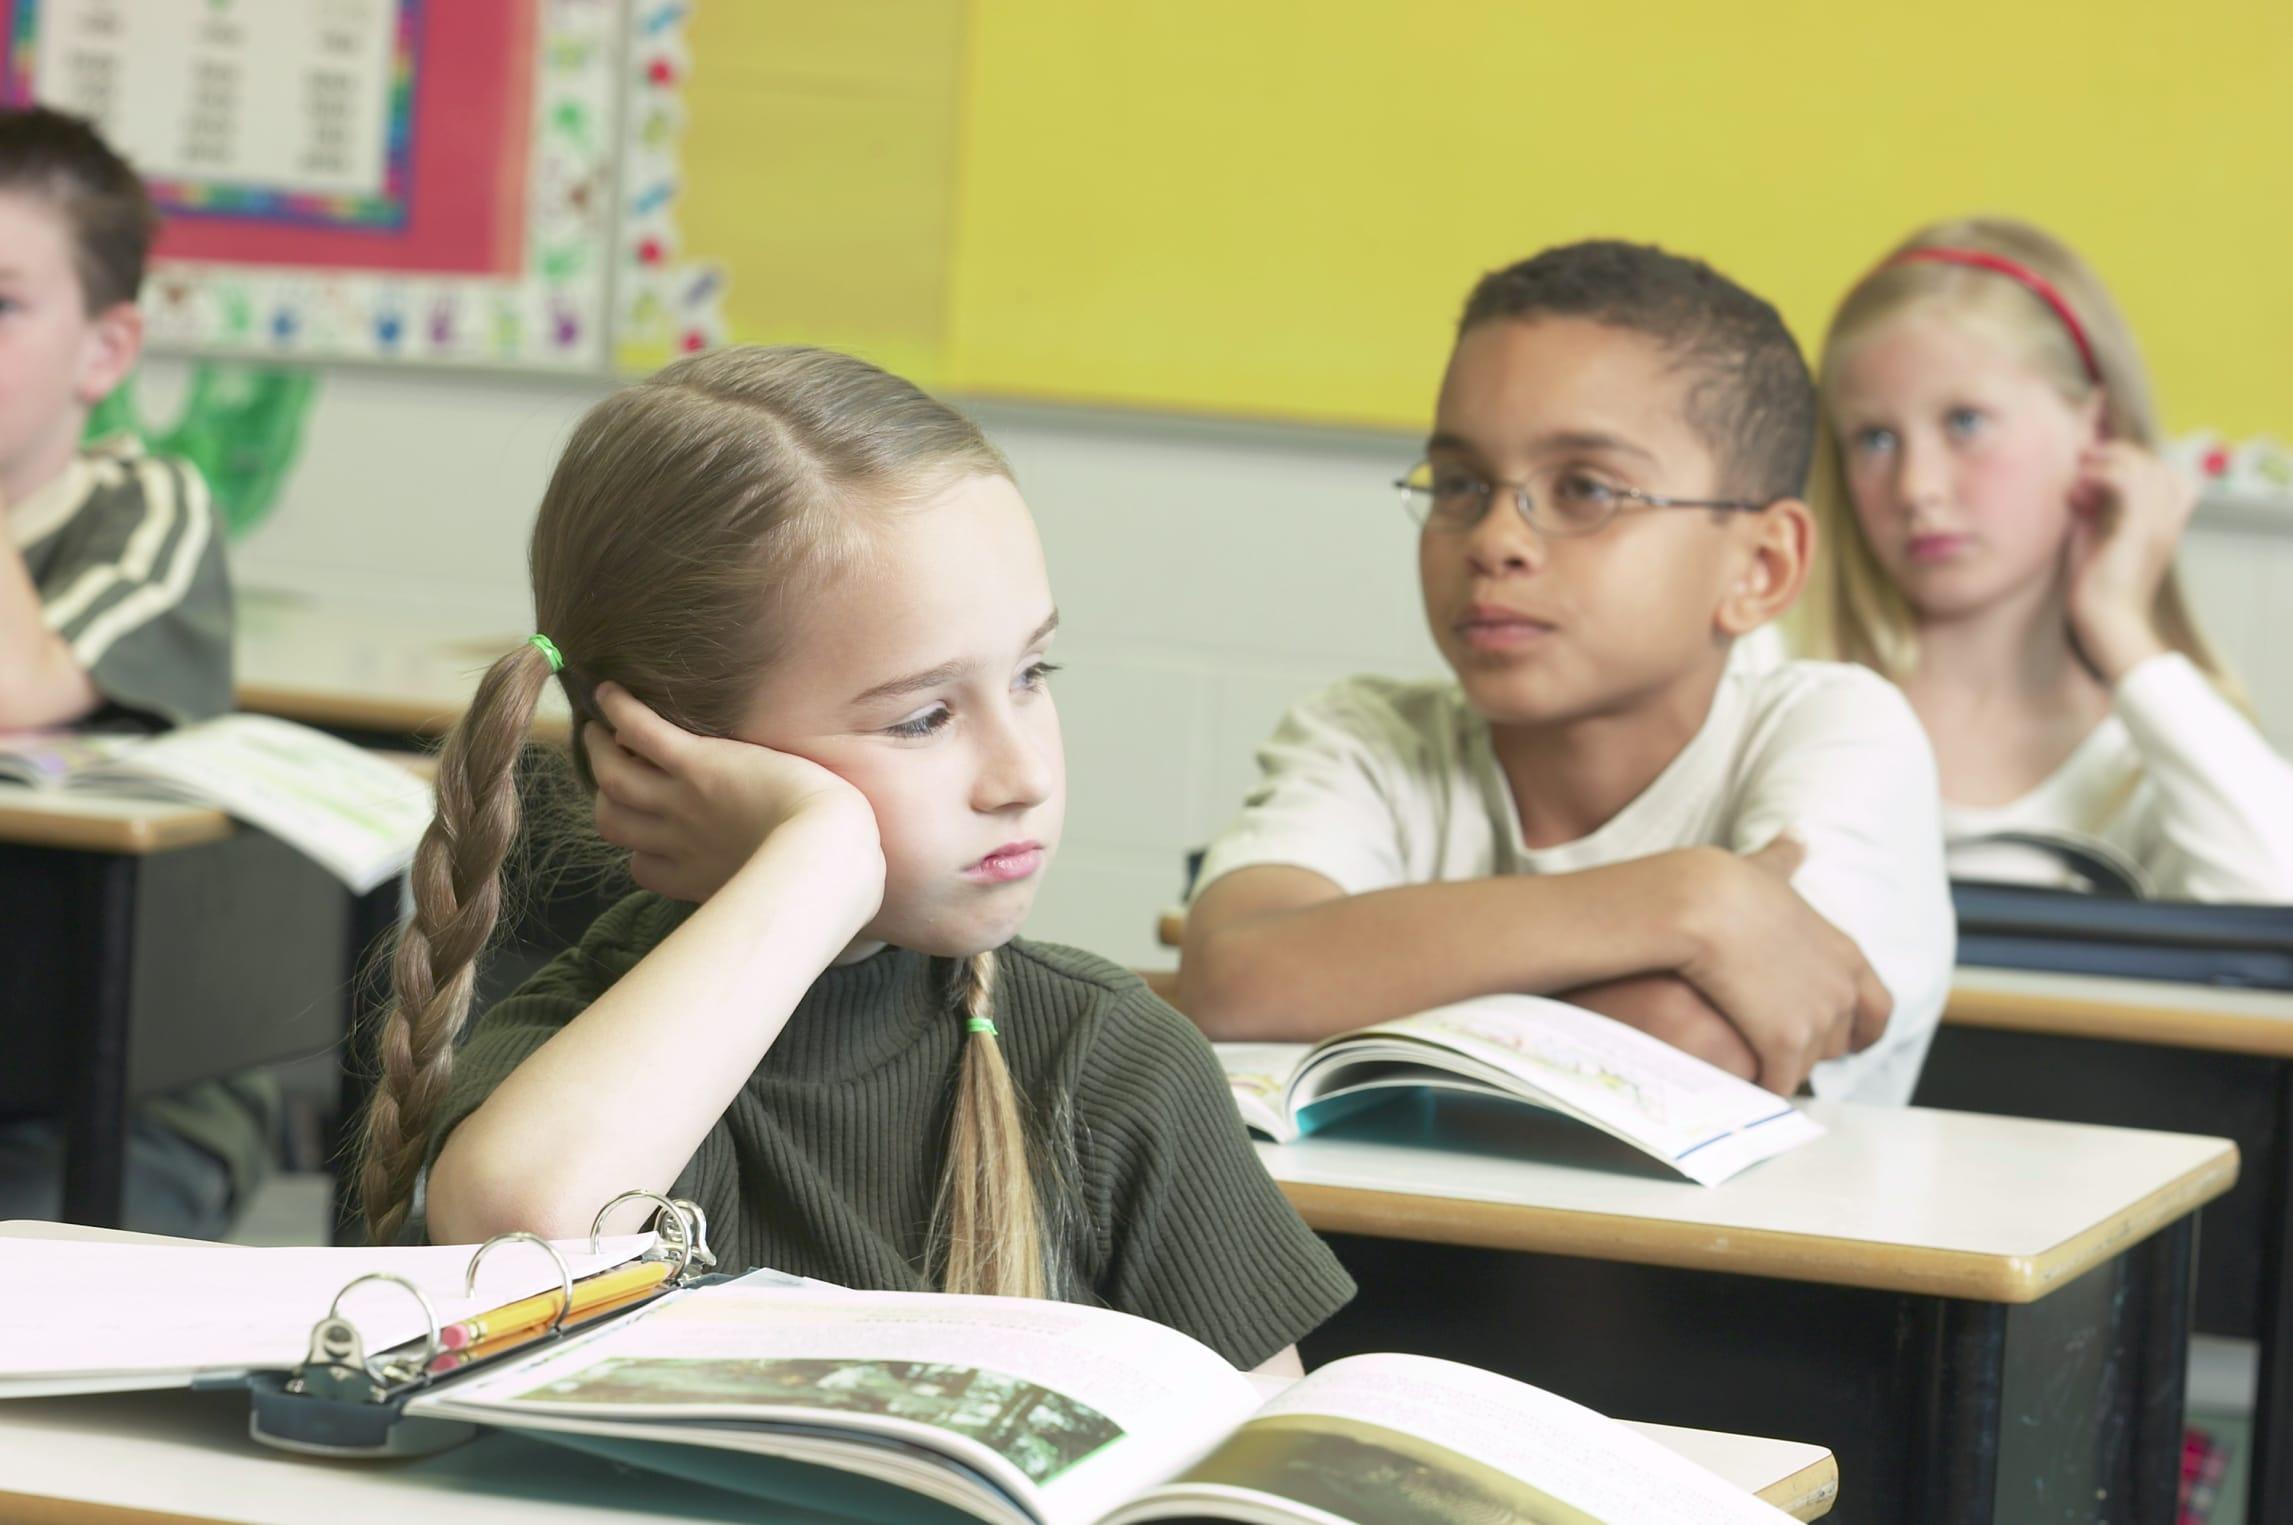 Molto Bambini a scuola a 5 anni e mezzo CW75